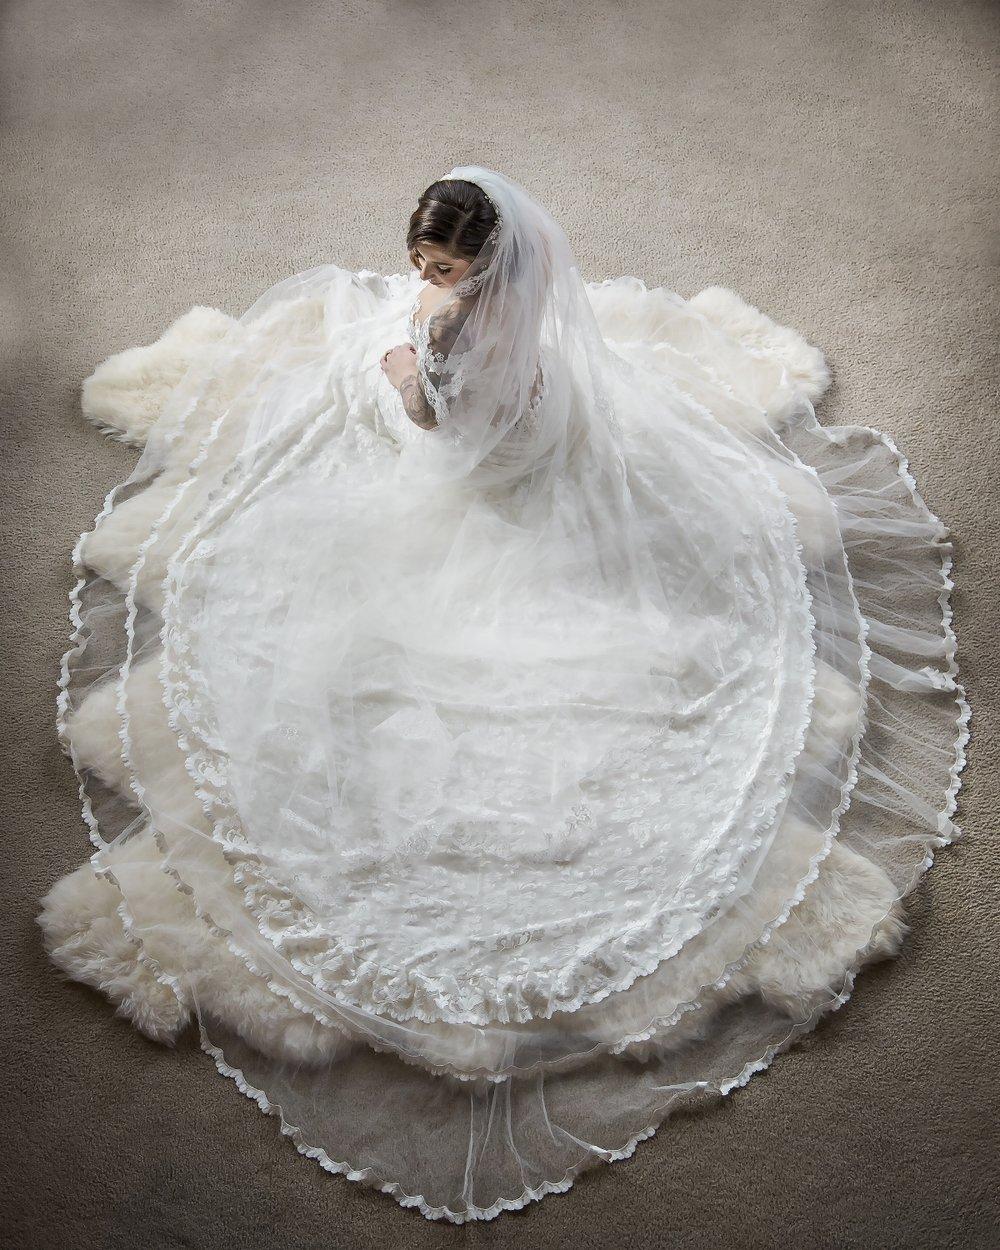 Erin-Usawicz-Photography-Headpiece_20 copy.jpg